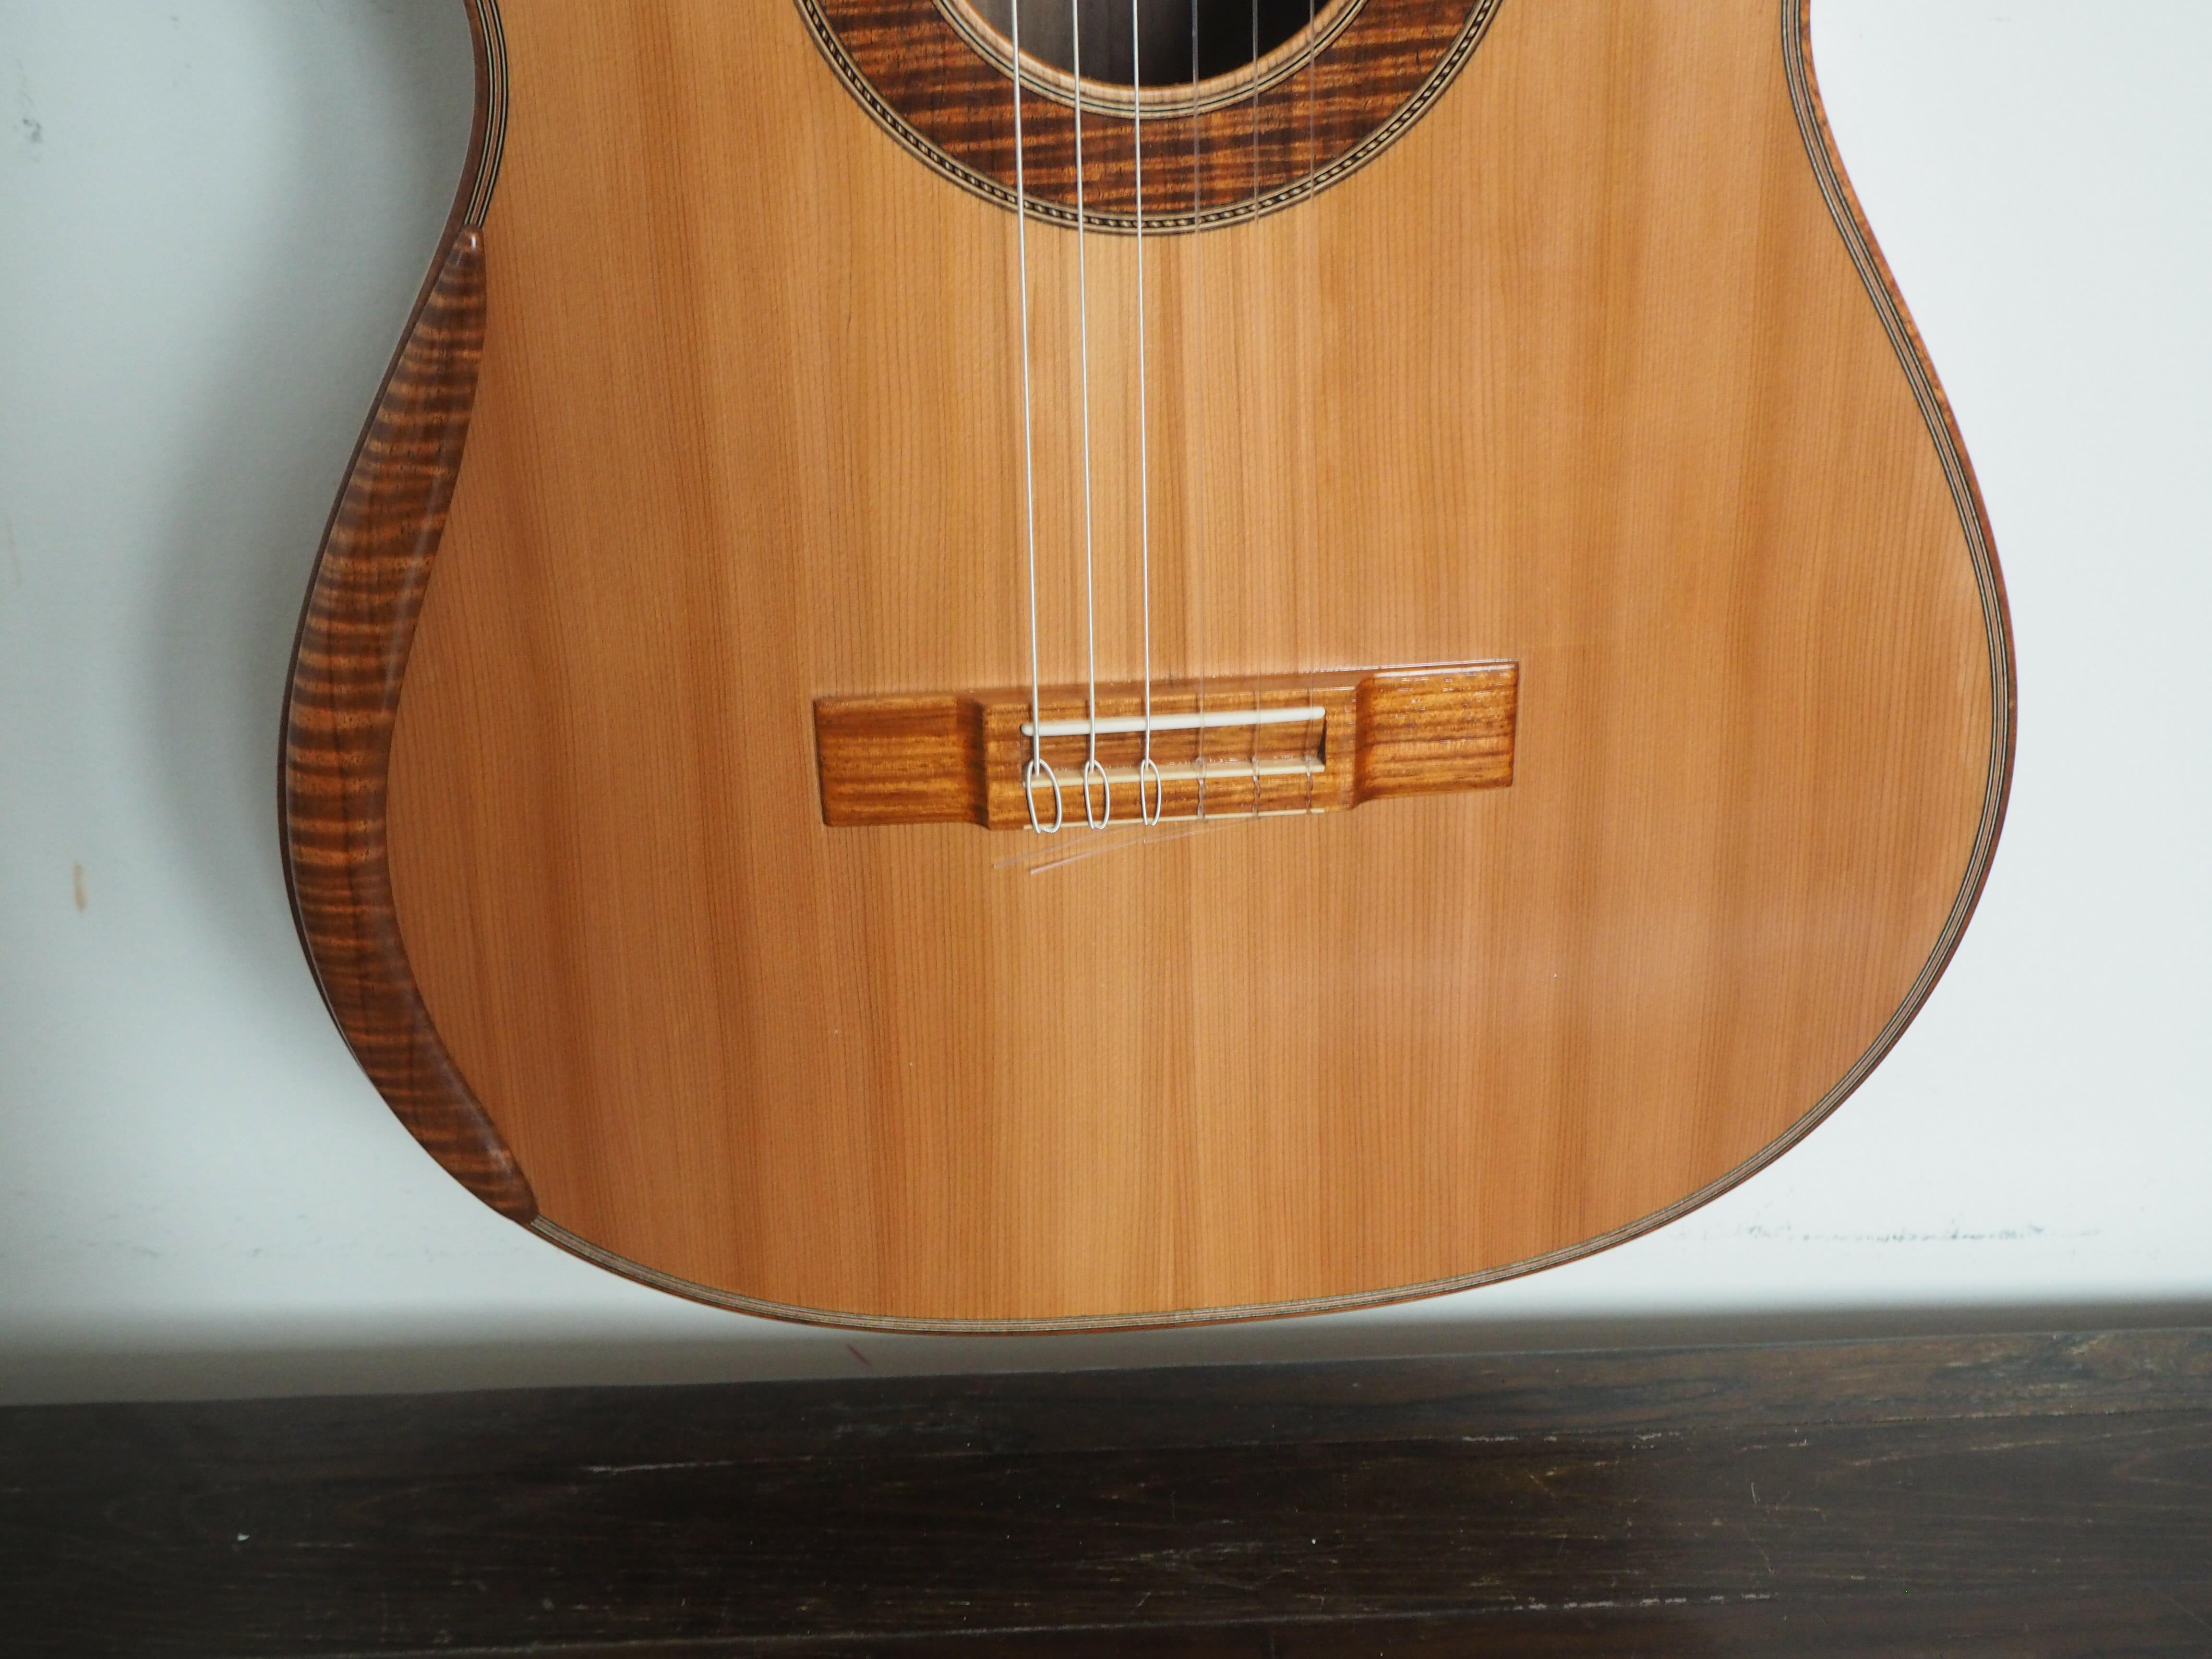 guitare classique luthier Graham Caldersmith n°101 modèle concert 15CAL101-04